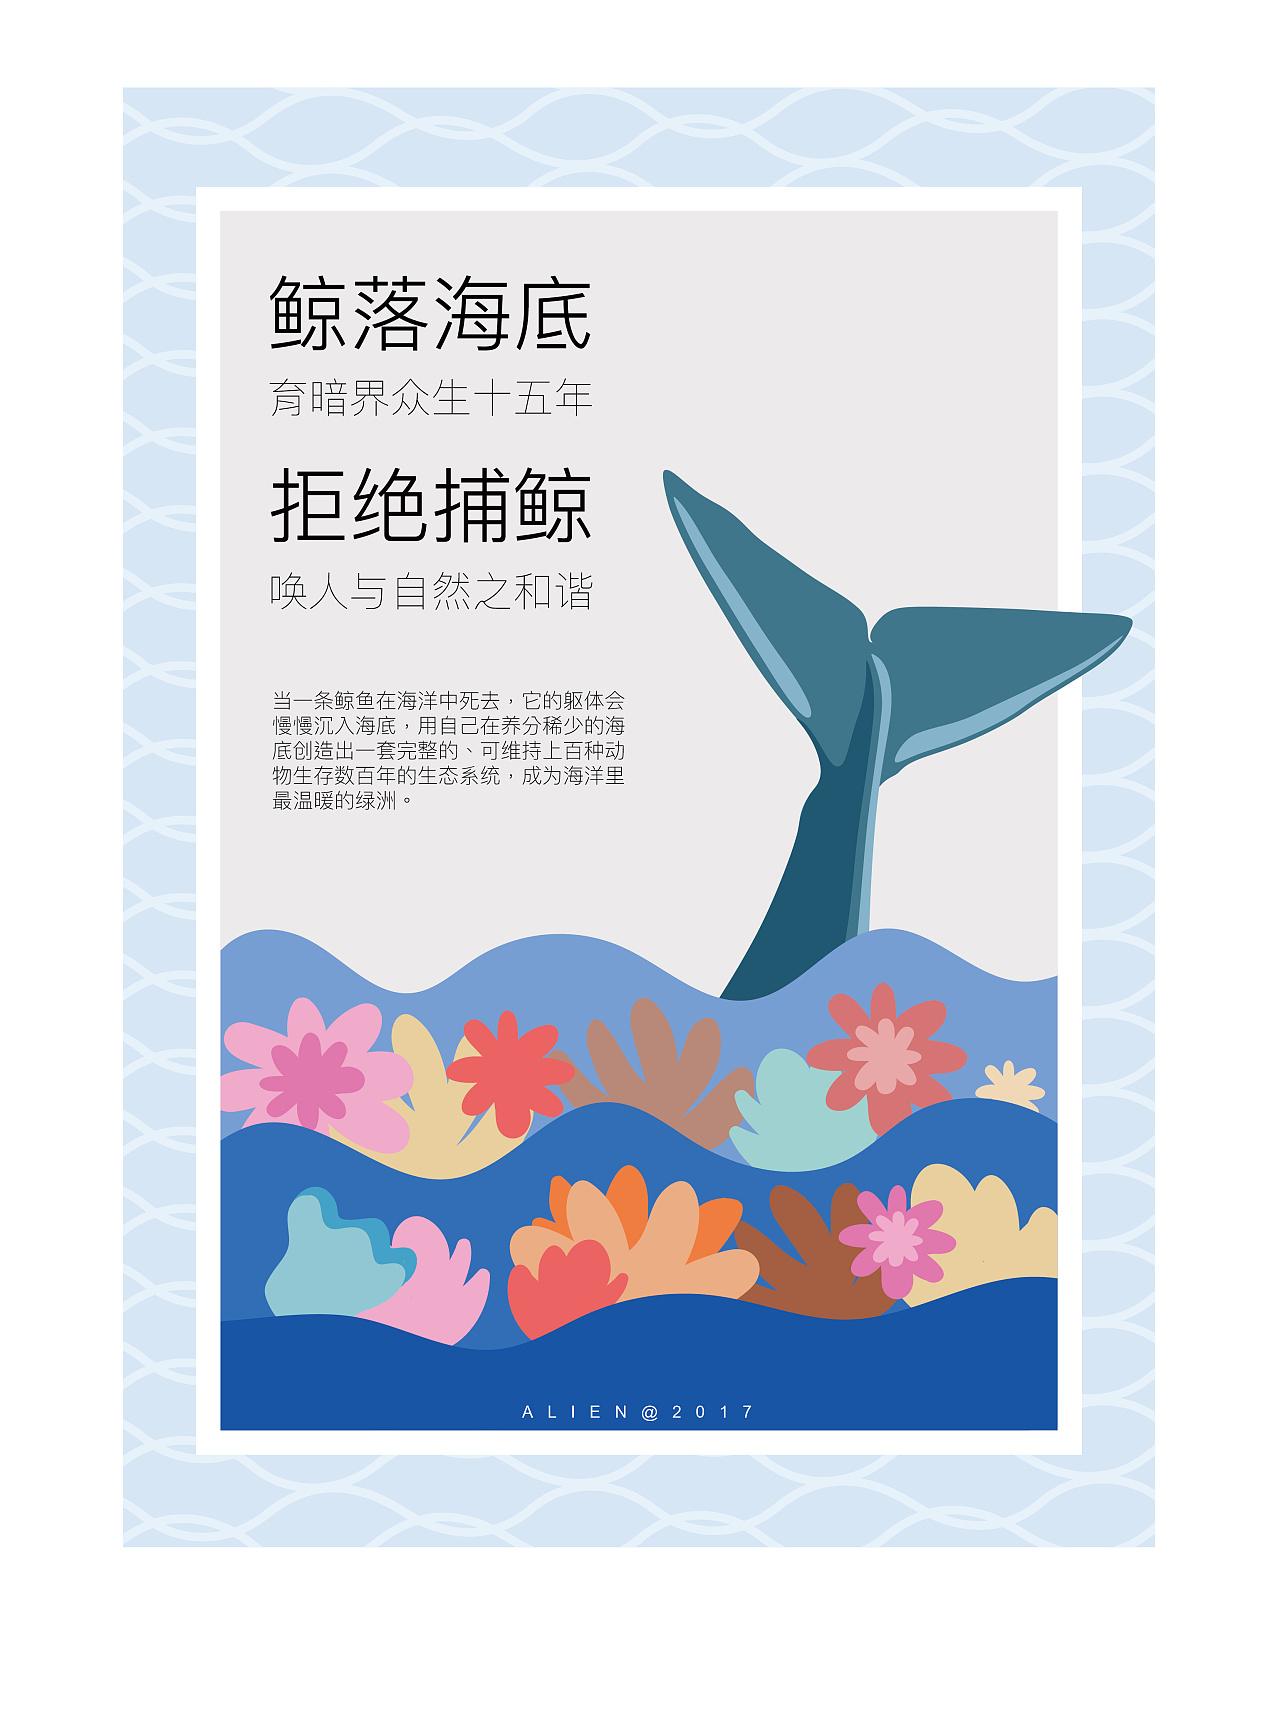 公益海报练习作品(保护鲸鱼)图片